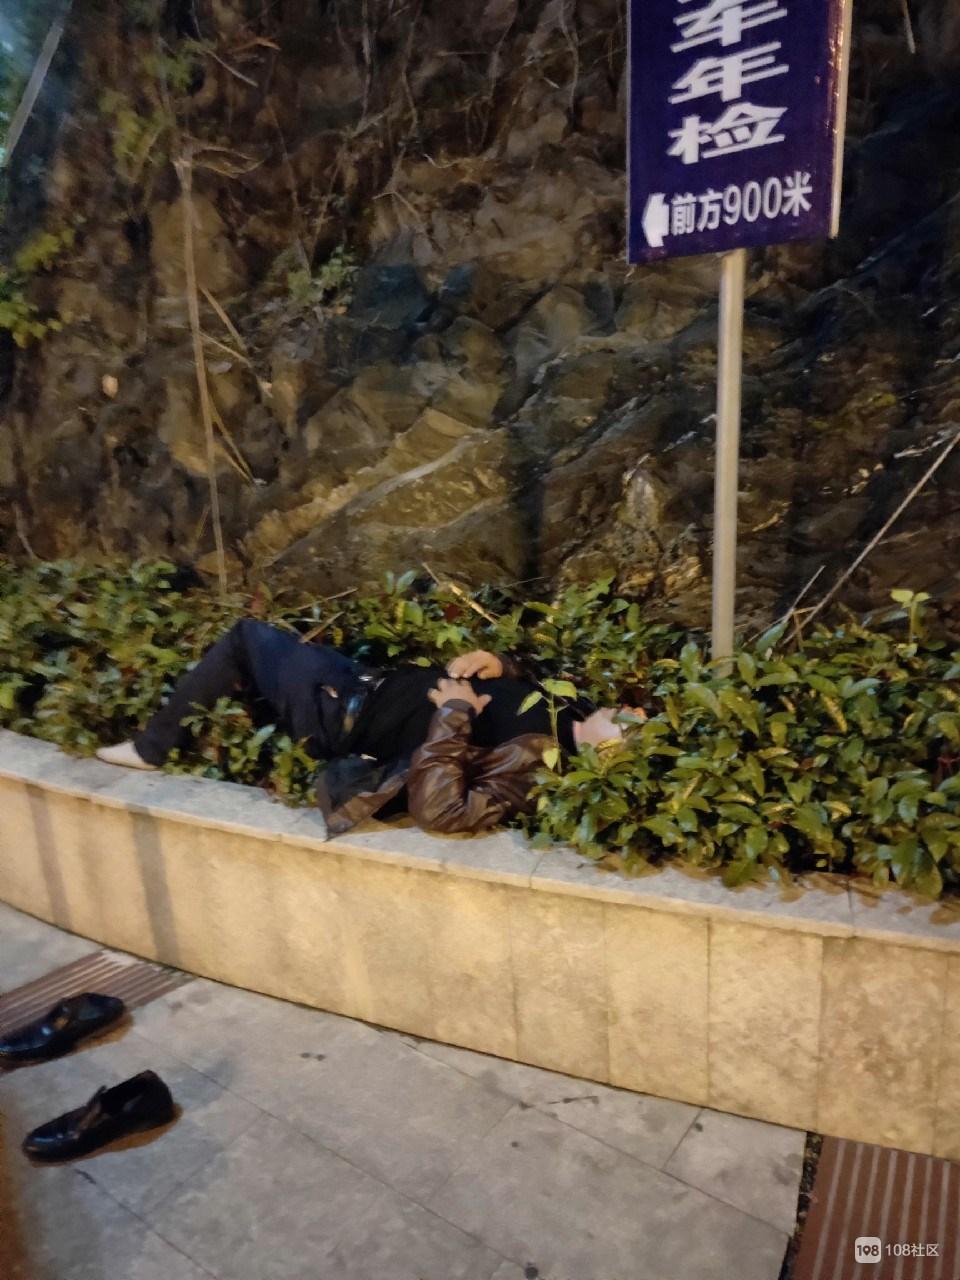 玉屏桥一男子凌晨疑醉酒躺路边,路人小姐姐喊来110